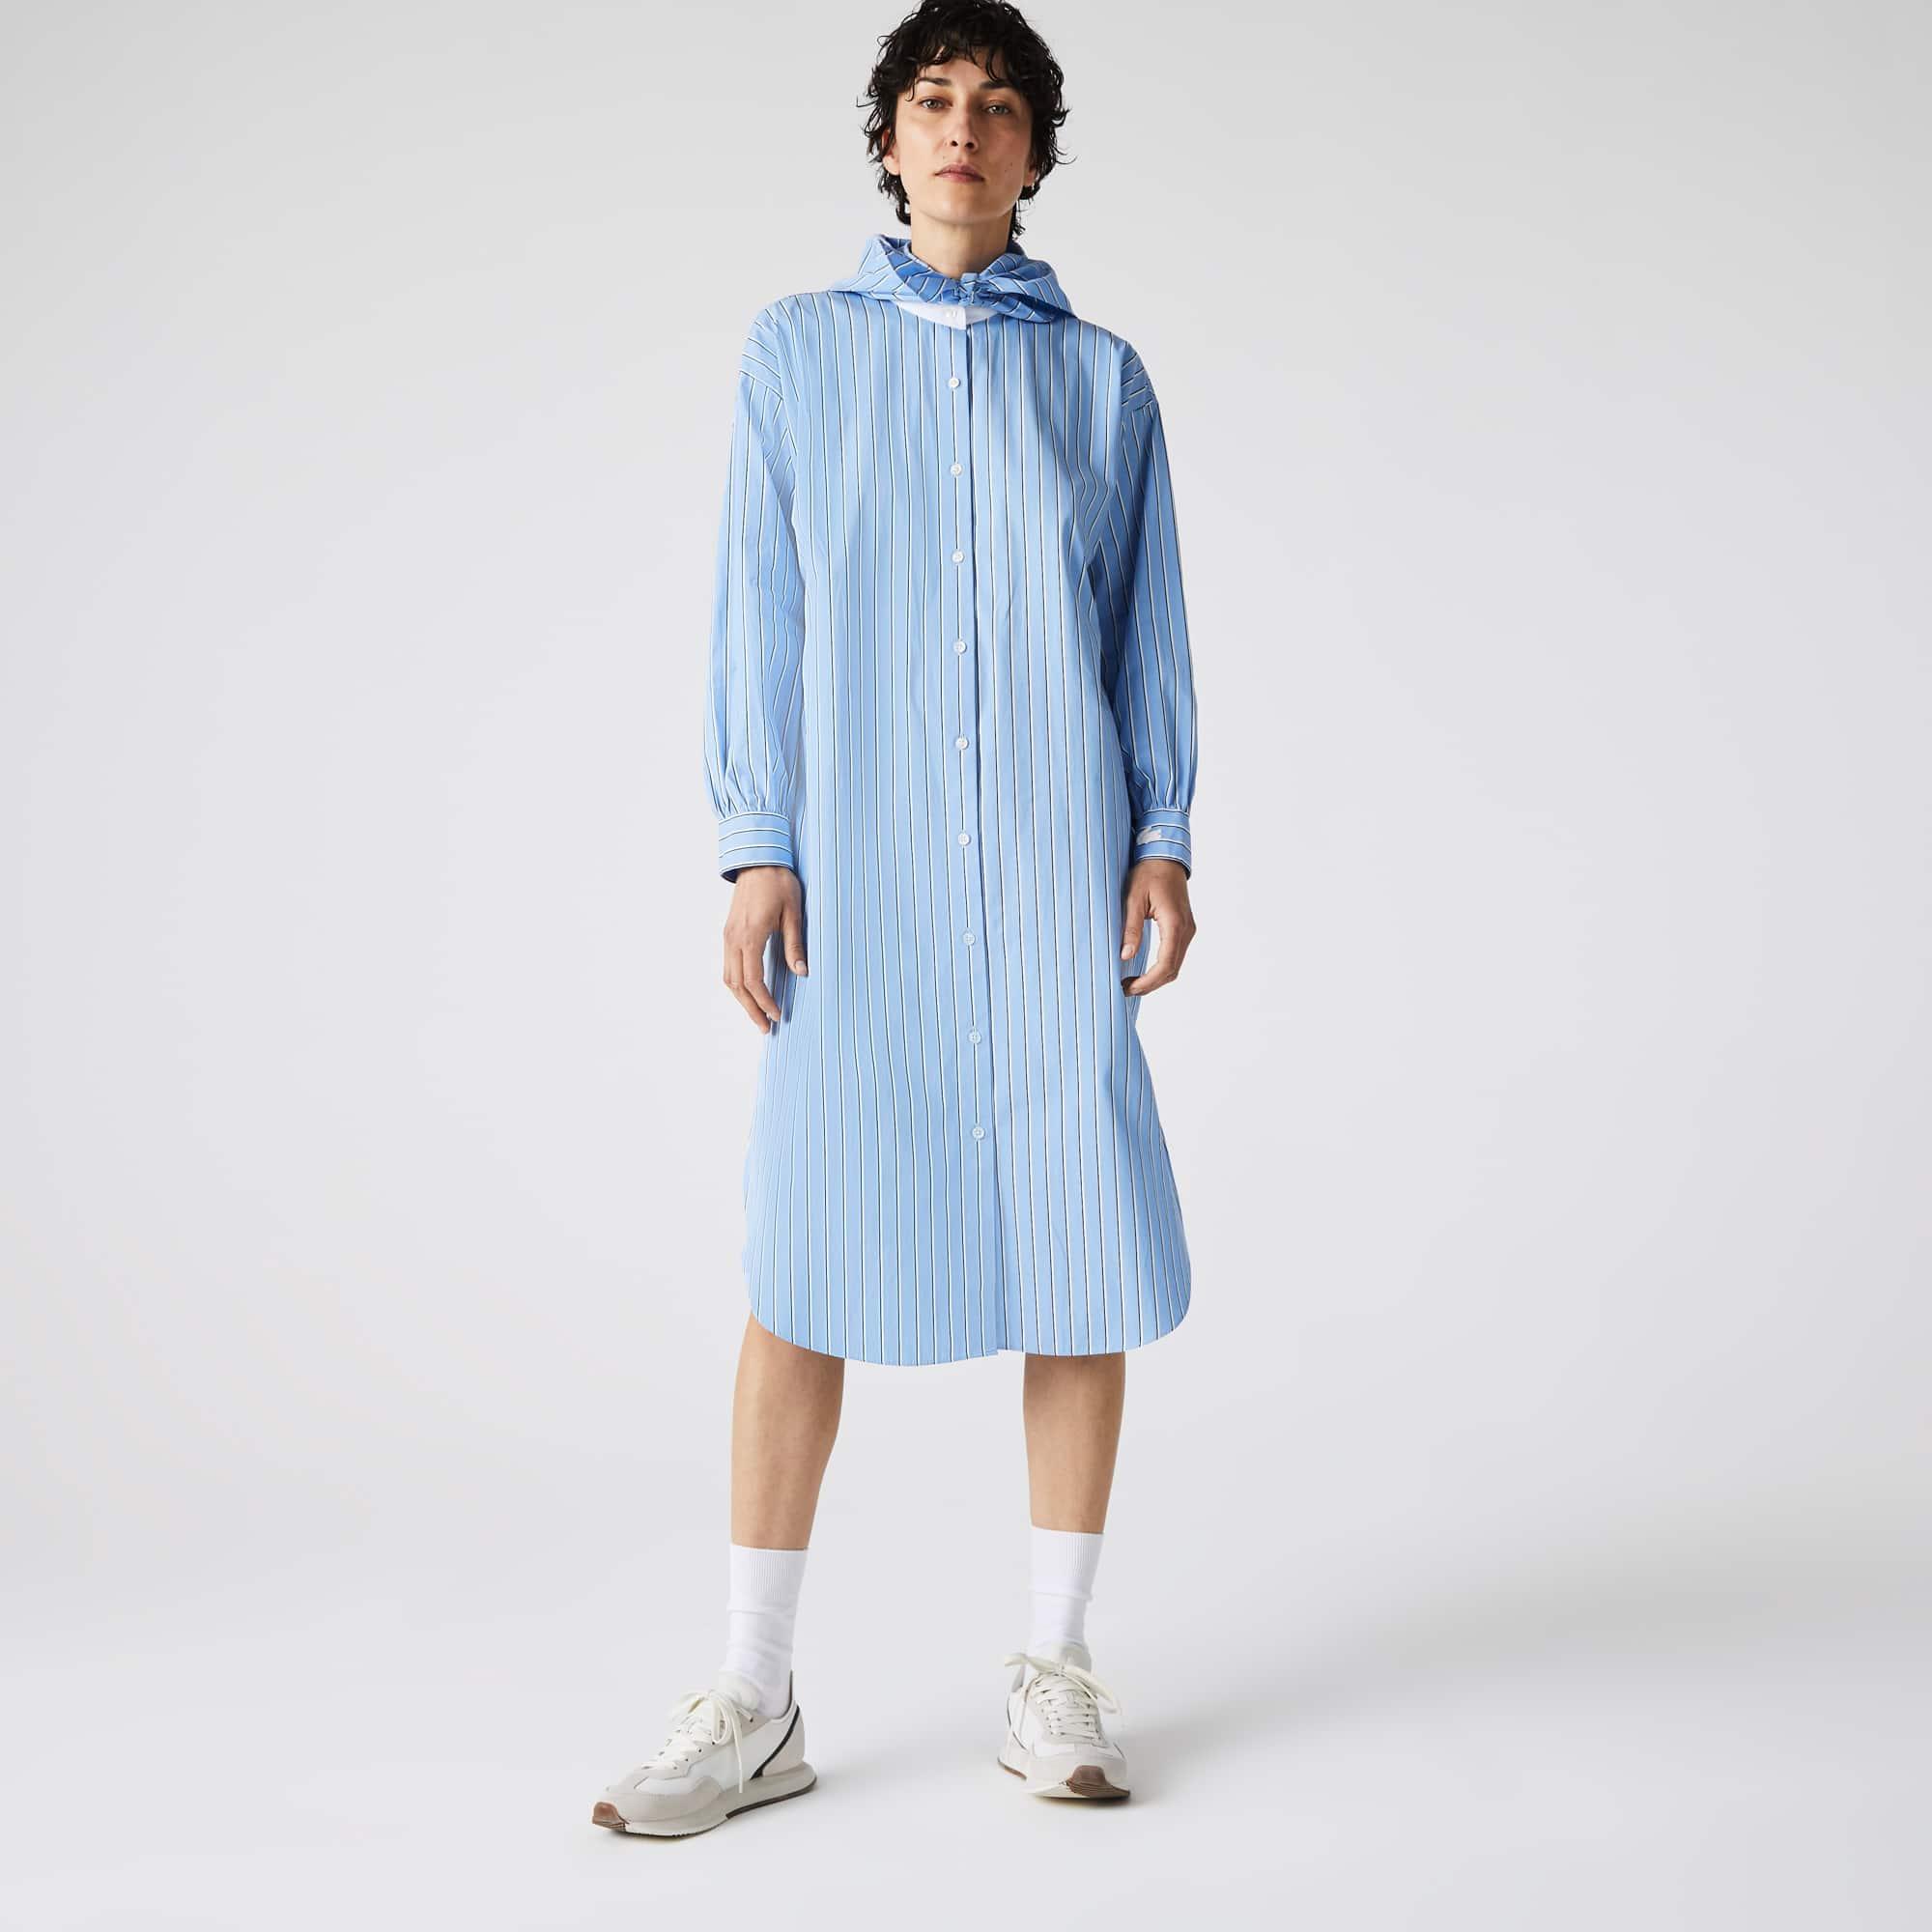 라코스테 라이브 스트라이프 셔츠 원피스 Lacoste Women's LIVE Loose Fit Striped Poplin Shirt Dress,Blue / White WG8